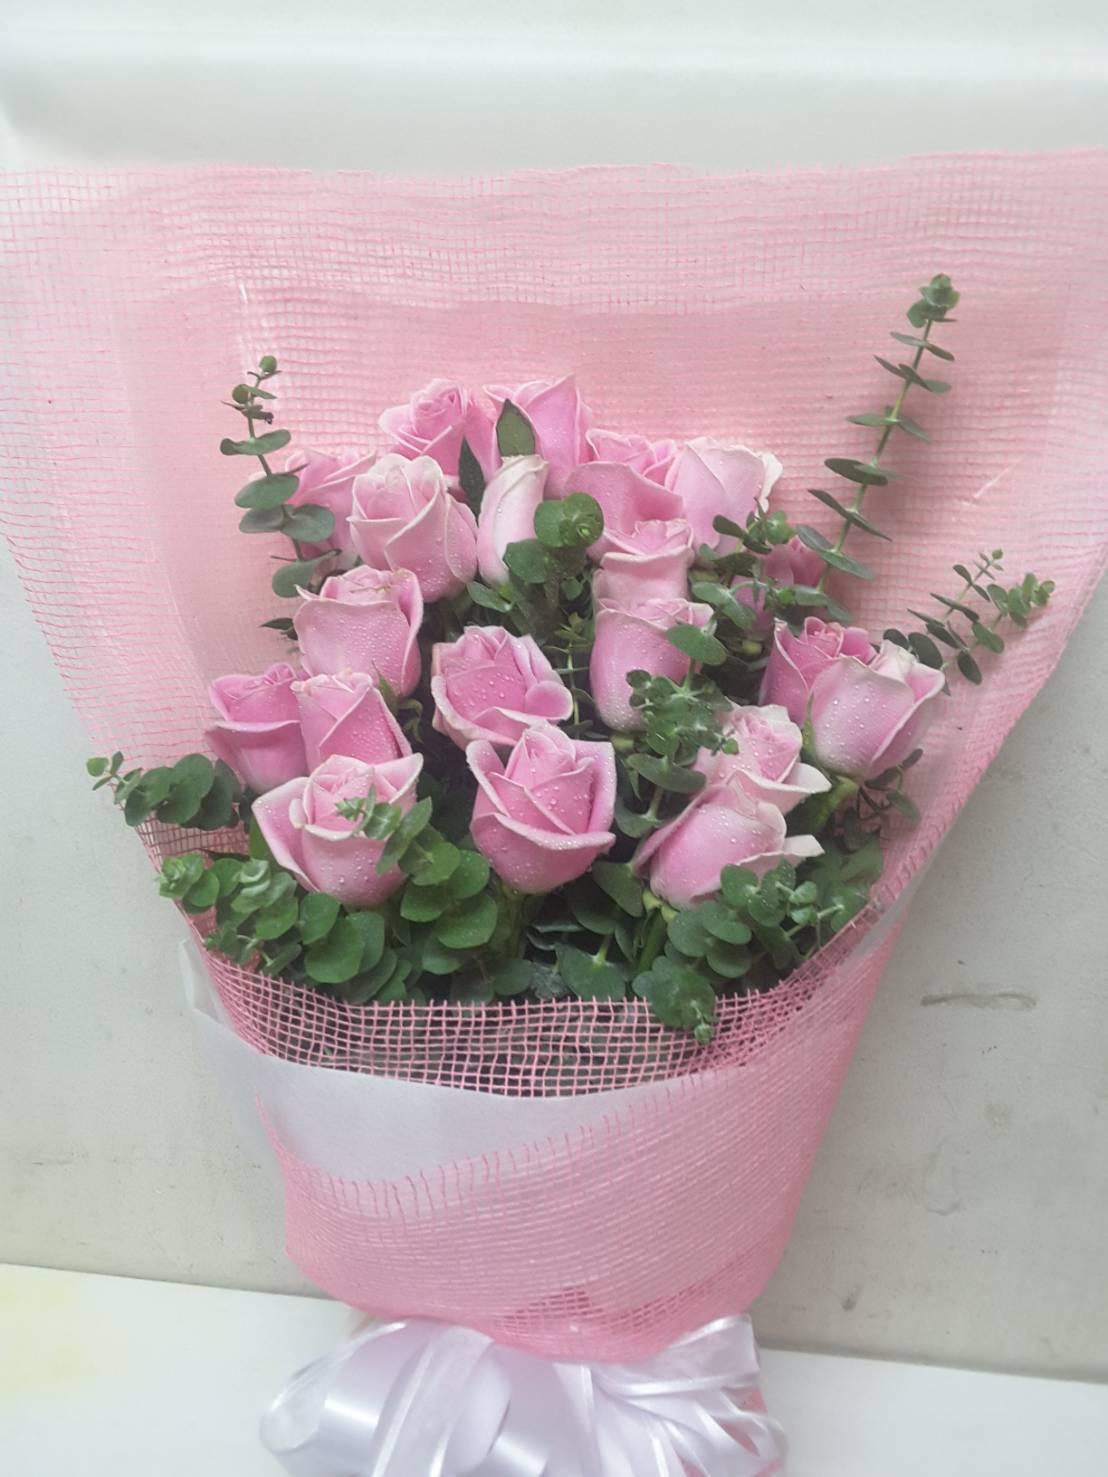 ดอกกุหลาบสีชมพูที่สื่อถึงความรักที่แสนอ่อนหวานจำนวน 20 ดอกถูกมัดรวมกันด้วยใจภายในช่อเดียว